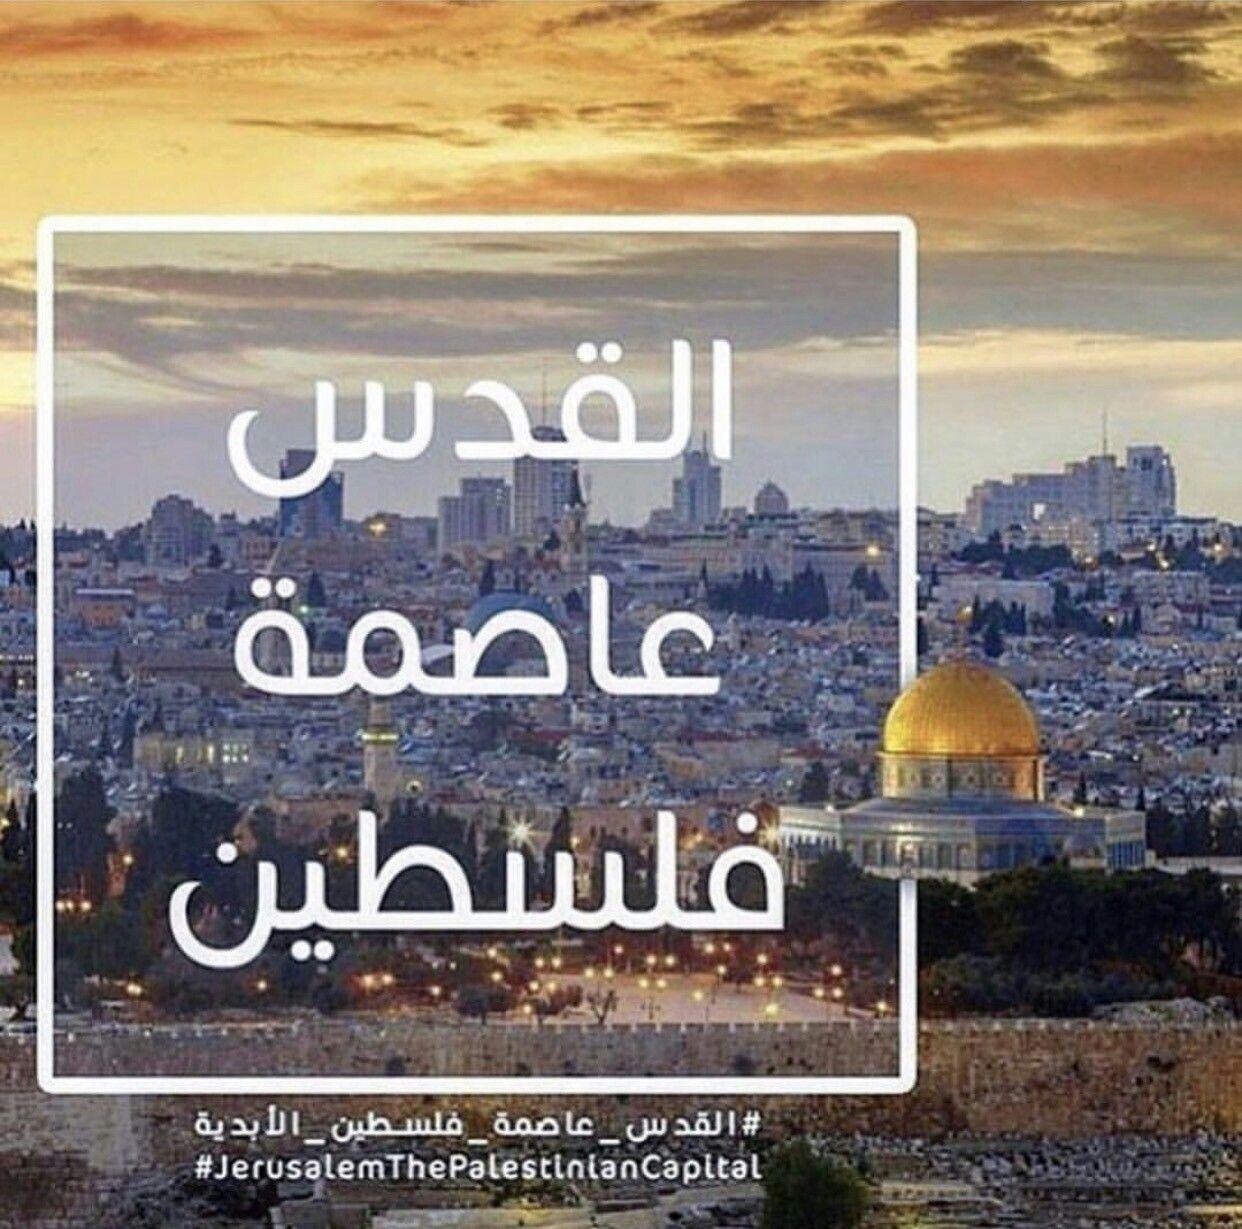 القدس عاصمة فلسطين الأبدية Decor Novelty Sign Home Decor